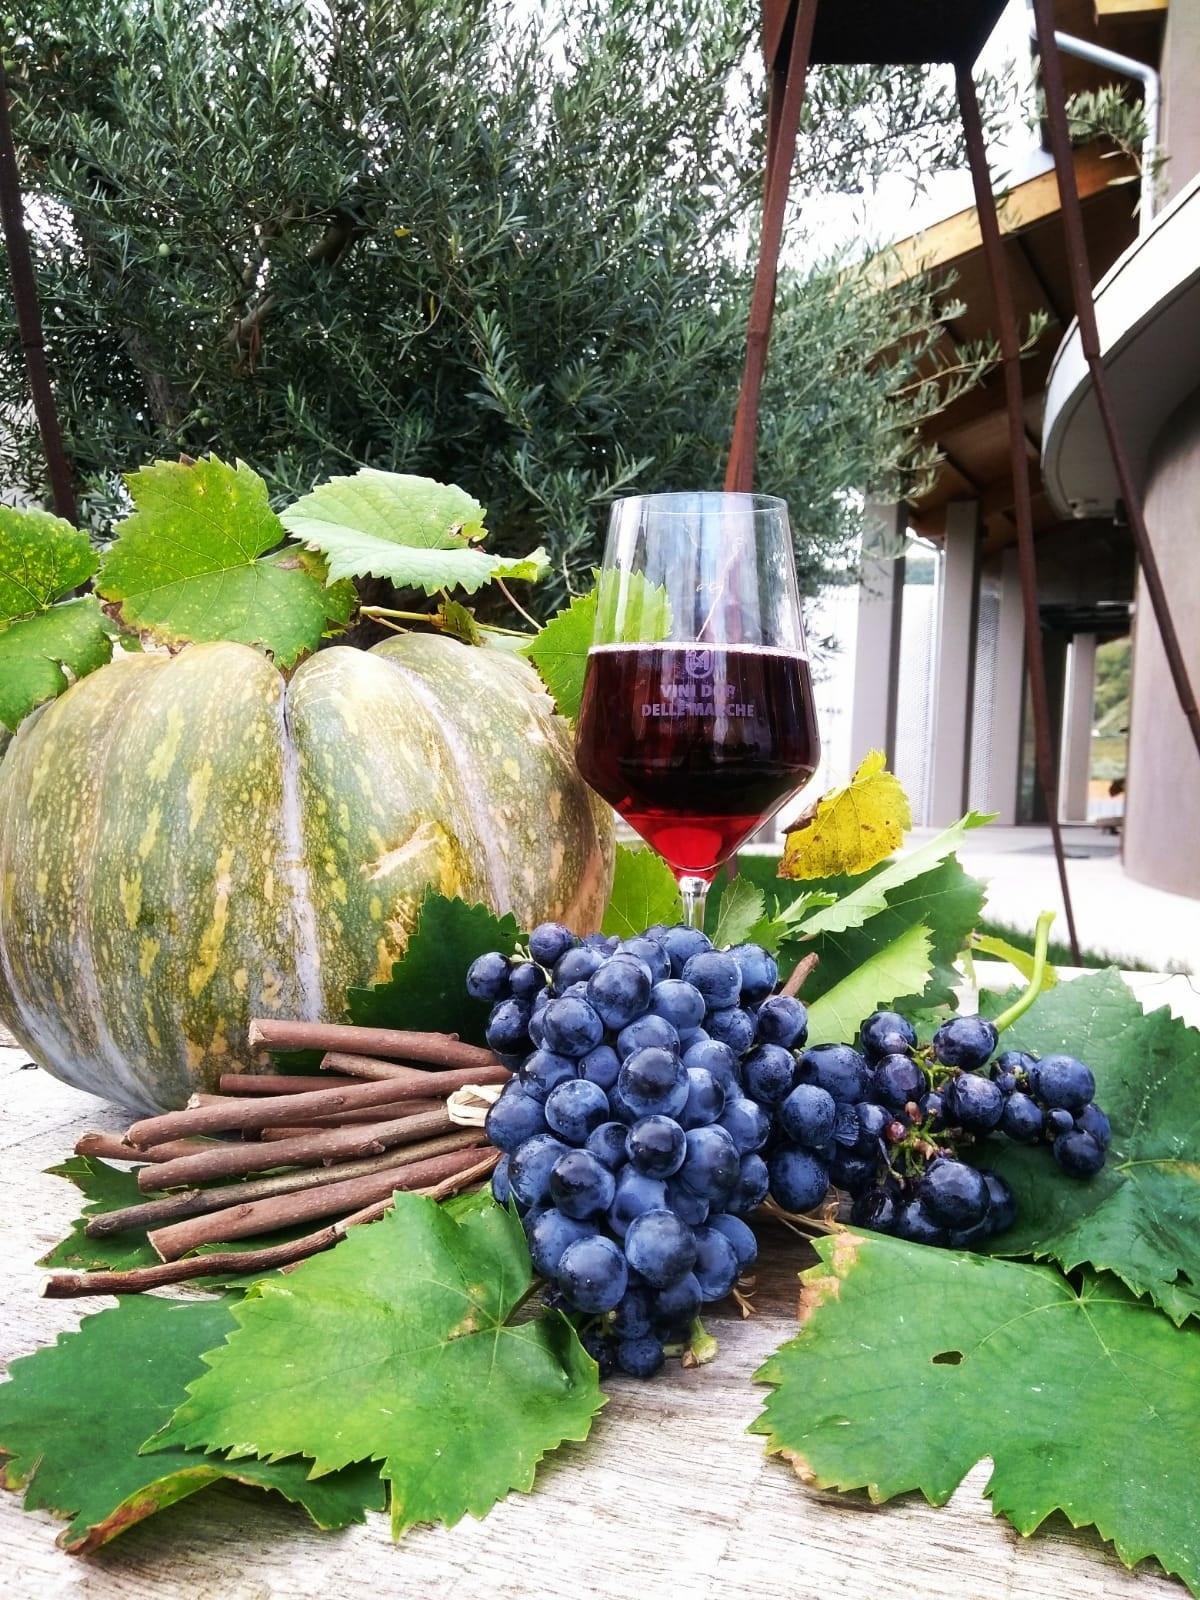 E' arrivato Brigante, il Vino Rosso 2018!